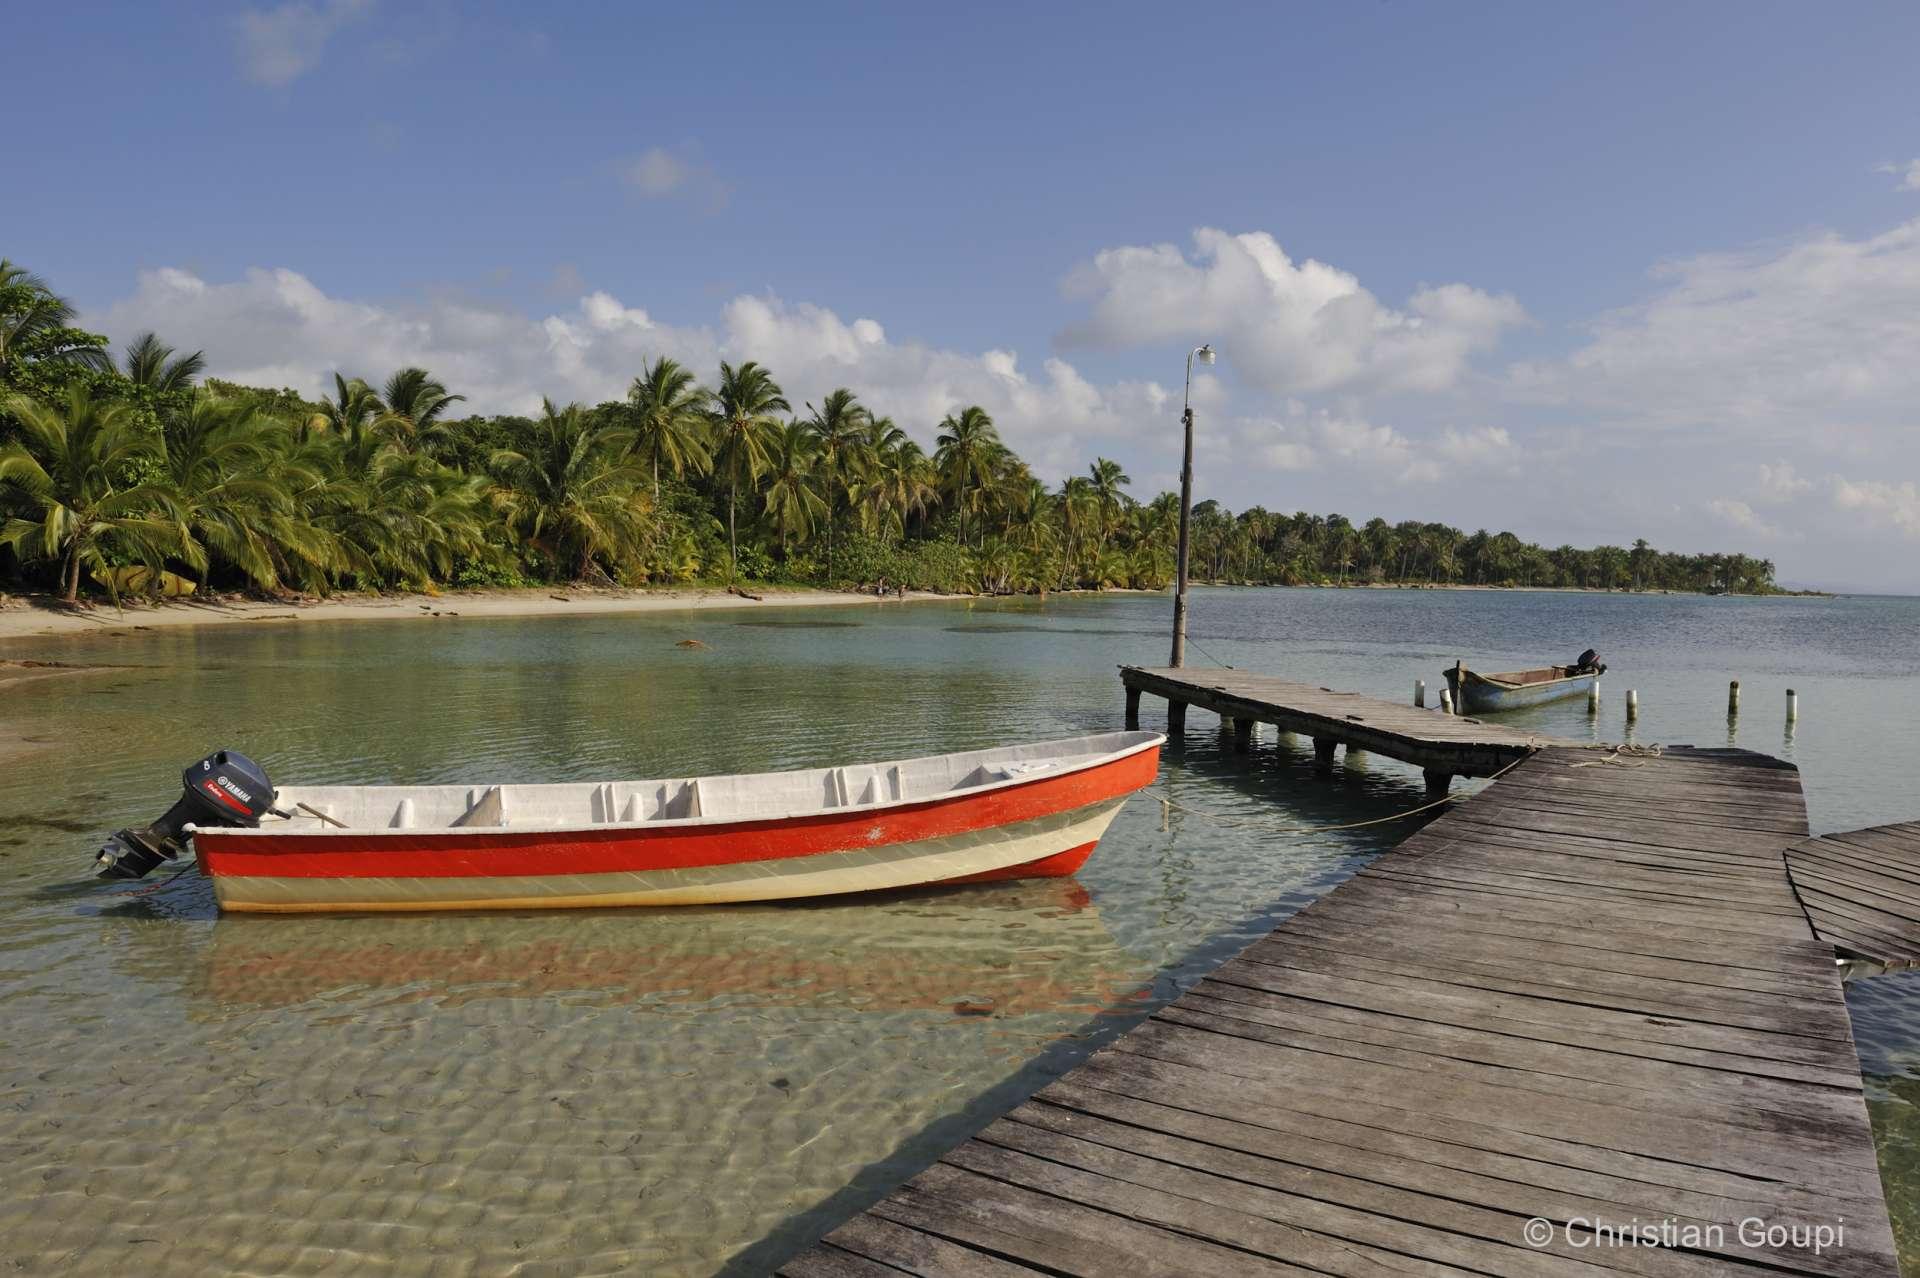 Panama - Petit ponton bien cool sur la plage de Boca del Drago sur l'île de Colon, dans l'archipel Bocas del Toro.